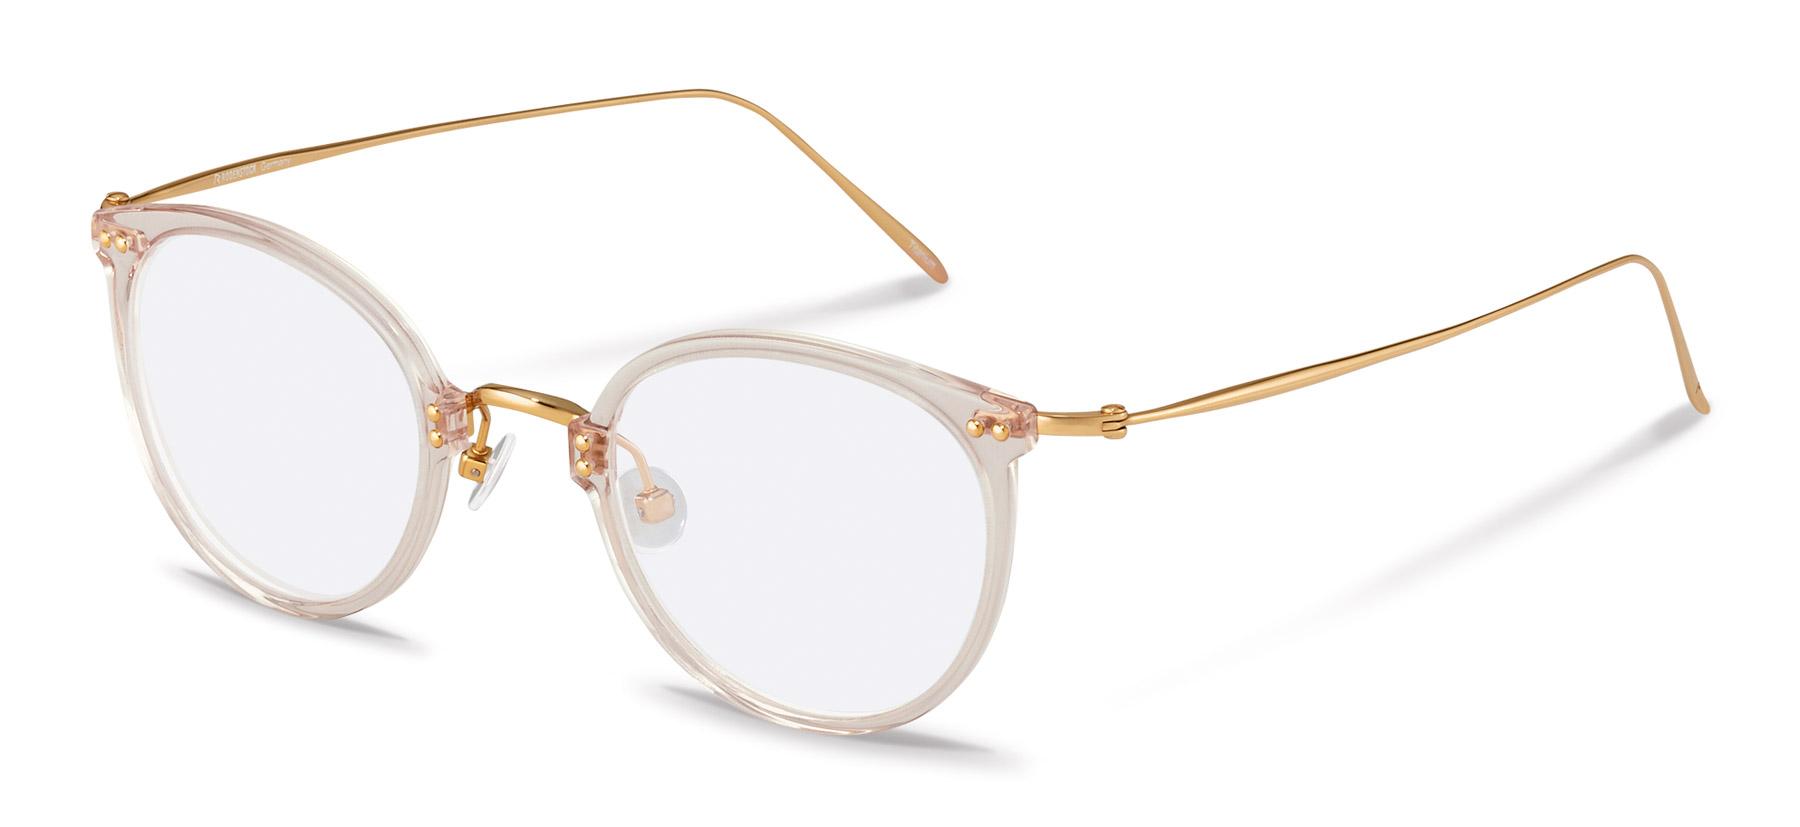 essayer des montures de lunettes en ligne Acheter plus de 35 000 lunettes de soleil et lunettes de vue à petits prix livraison gratuite retour gratuit sous 30 jours essai à domicile agrée sécu & mutuelle commandez maintenant.